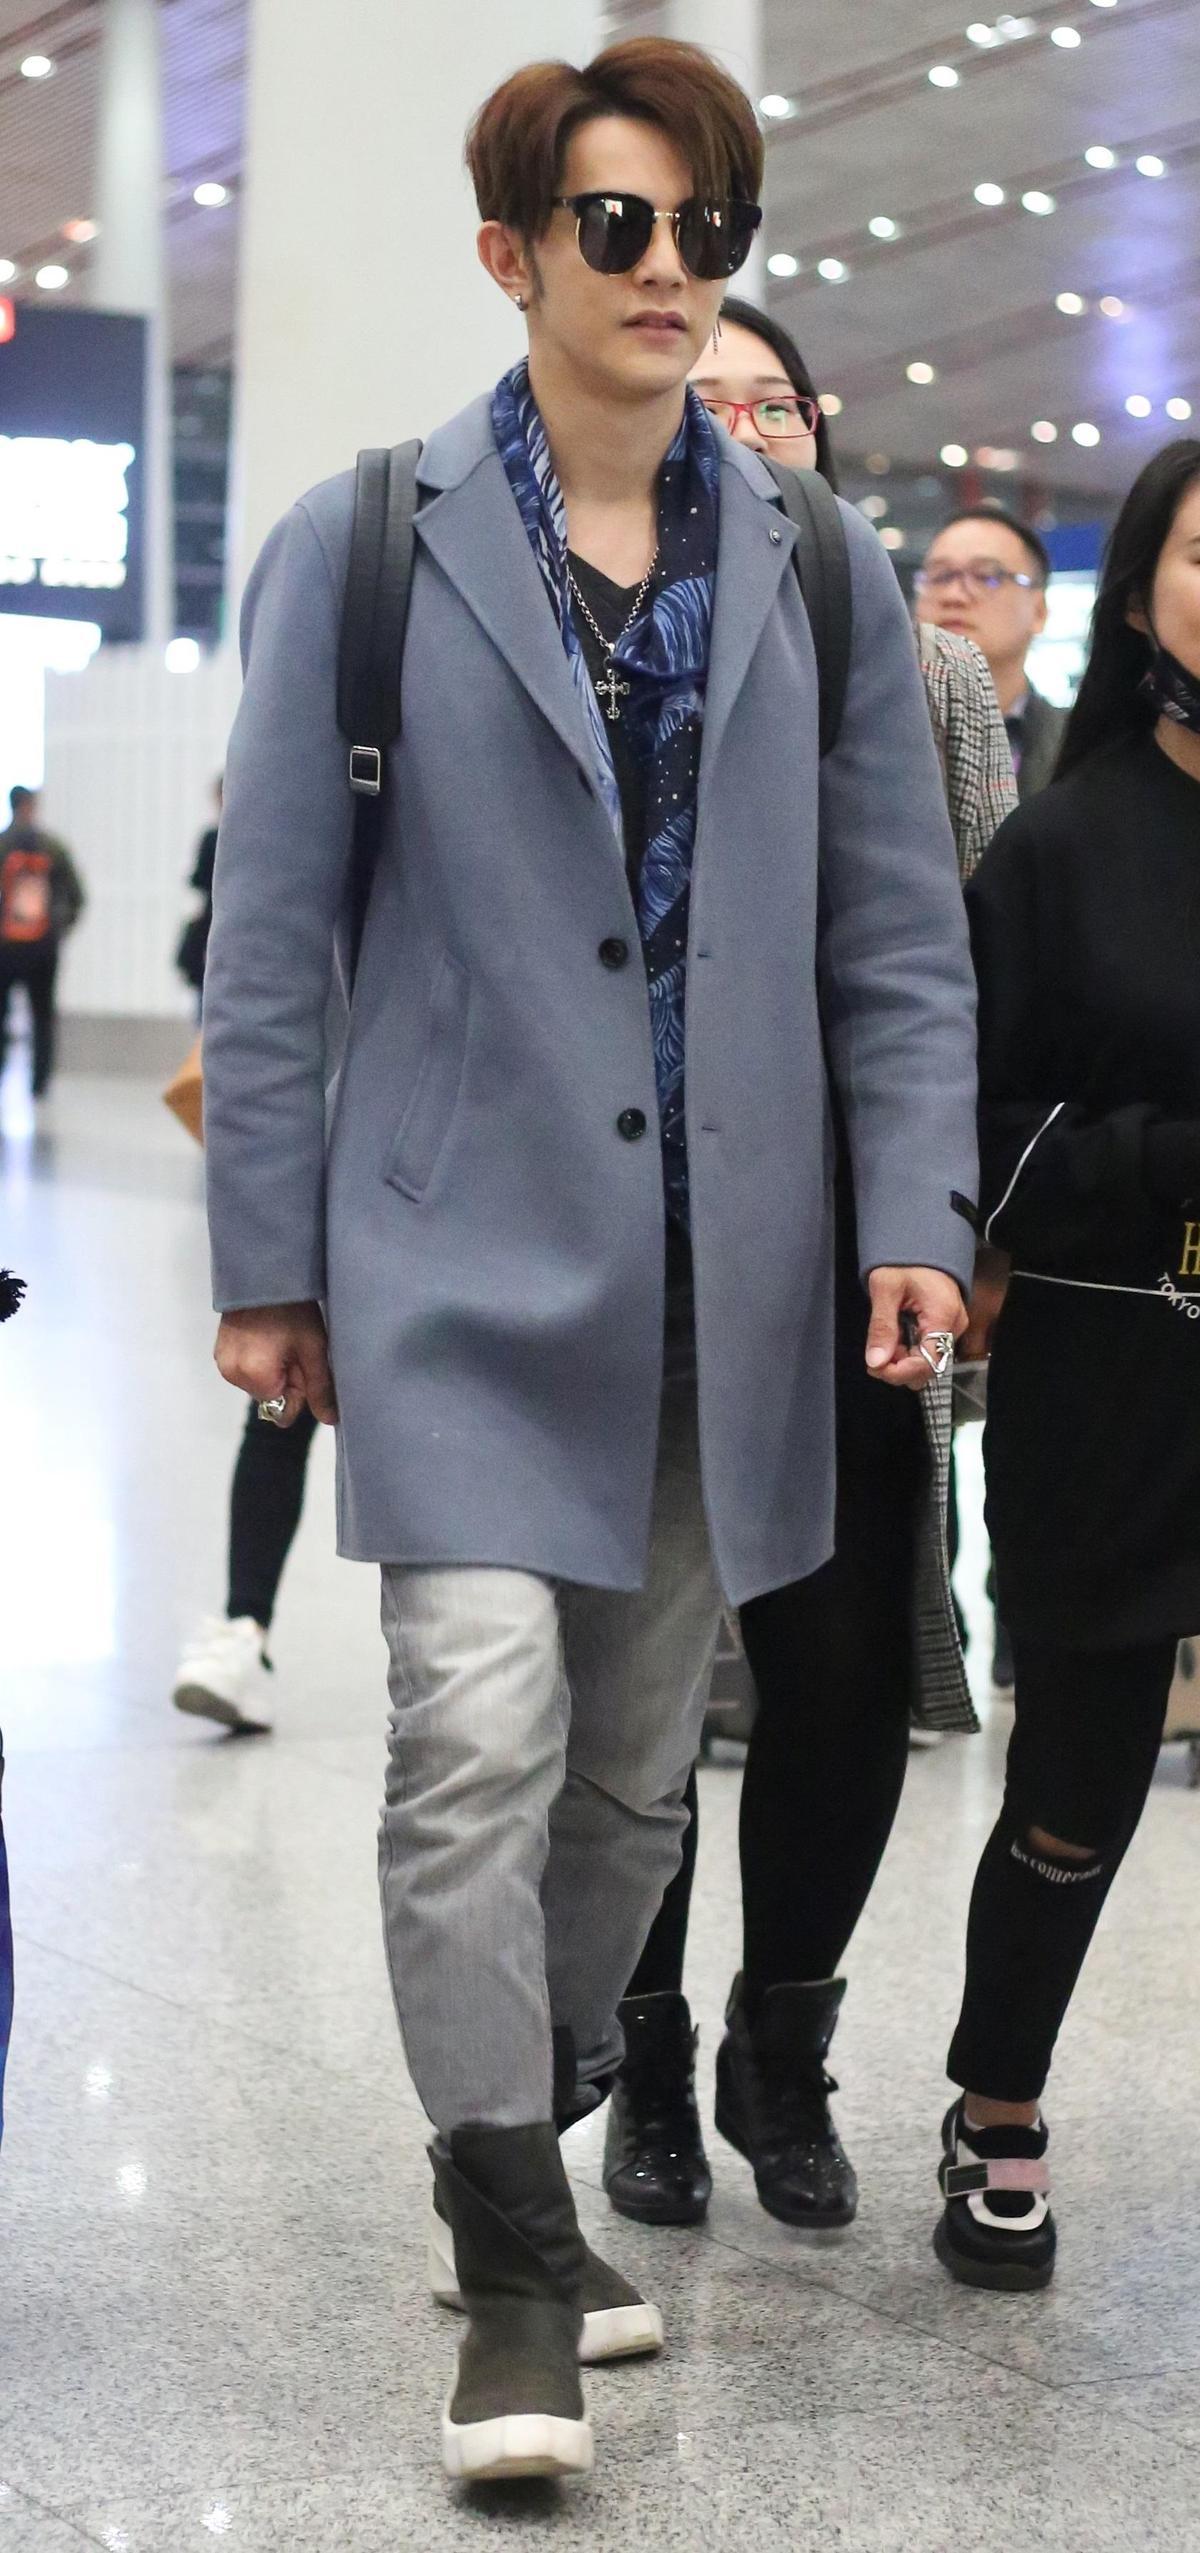 現身北京機場的汪東城,在灰藍色大衣裡面,搭配同色系黑底藍花的花襯衫,就連牛仔褲也是同一灰色調,整體搭配簡直就是氣質型男穿搭範本啊!(東方IC)